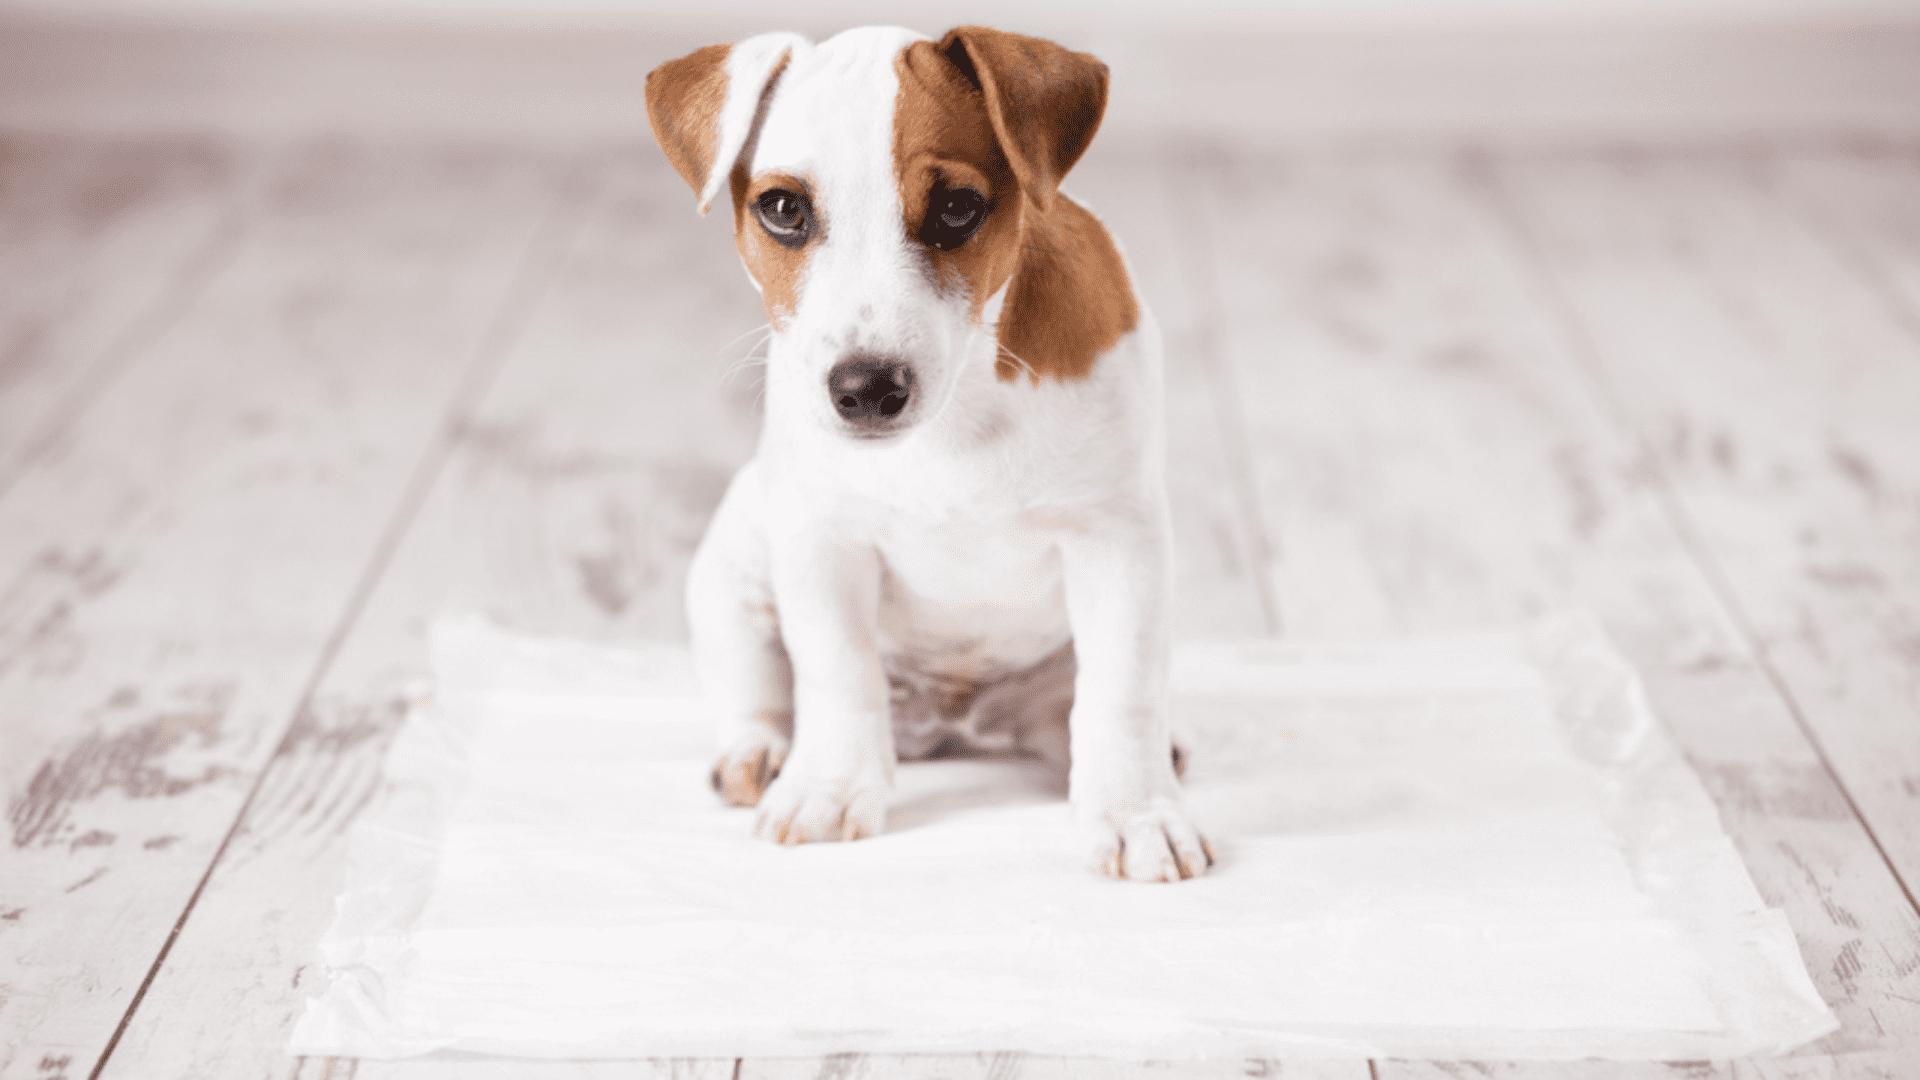 O tapete higiênico para cachorro retém o líquido e ameniza o cheiro do xixi (Reprodução/Shutterstock)